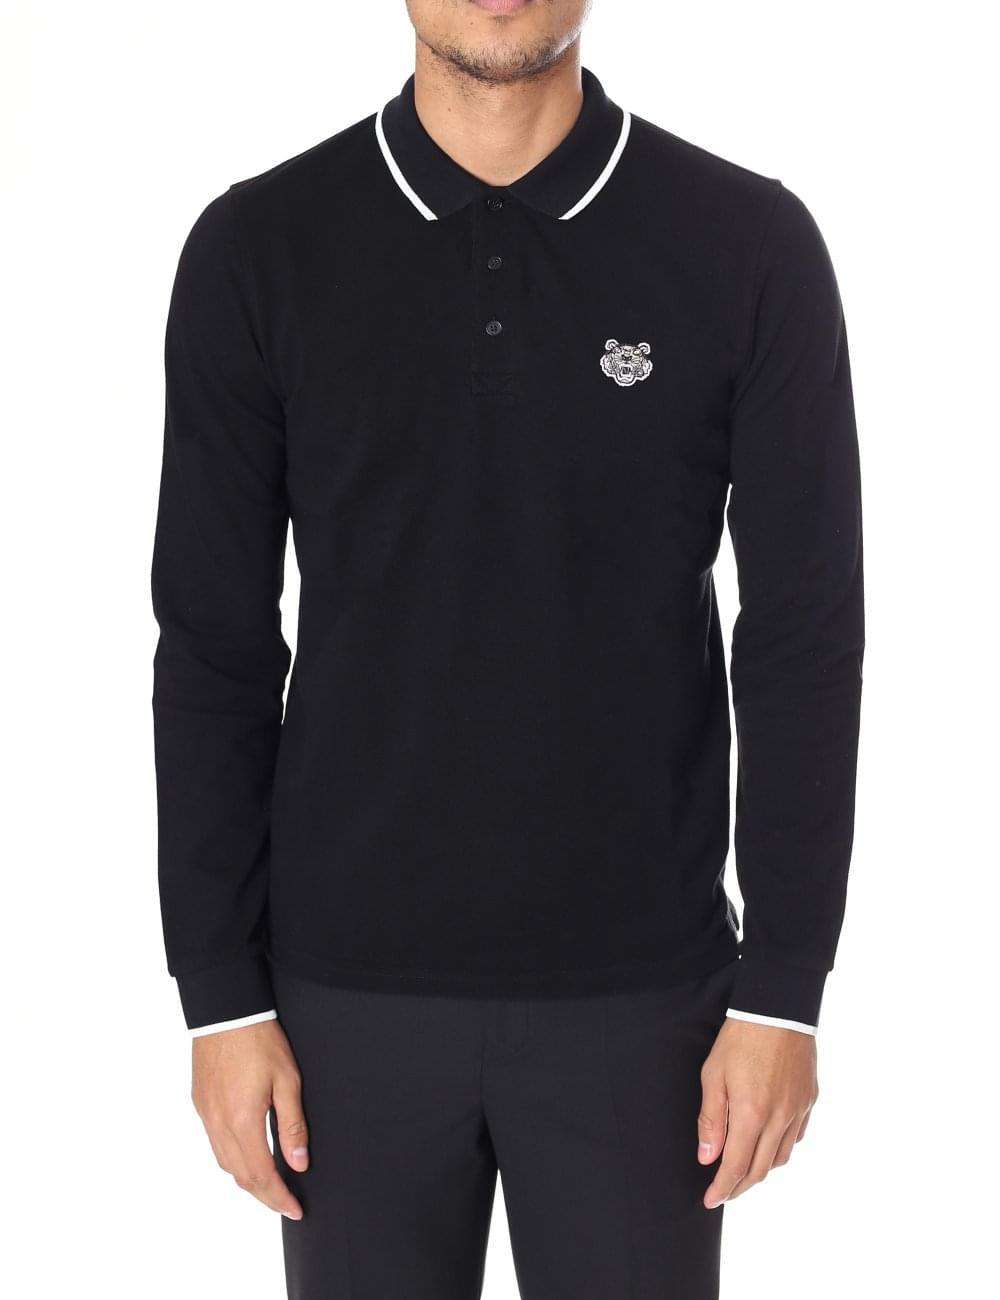 5046c34ef1 Kenzo Men's Long Sleeve Polo